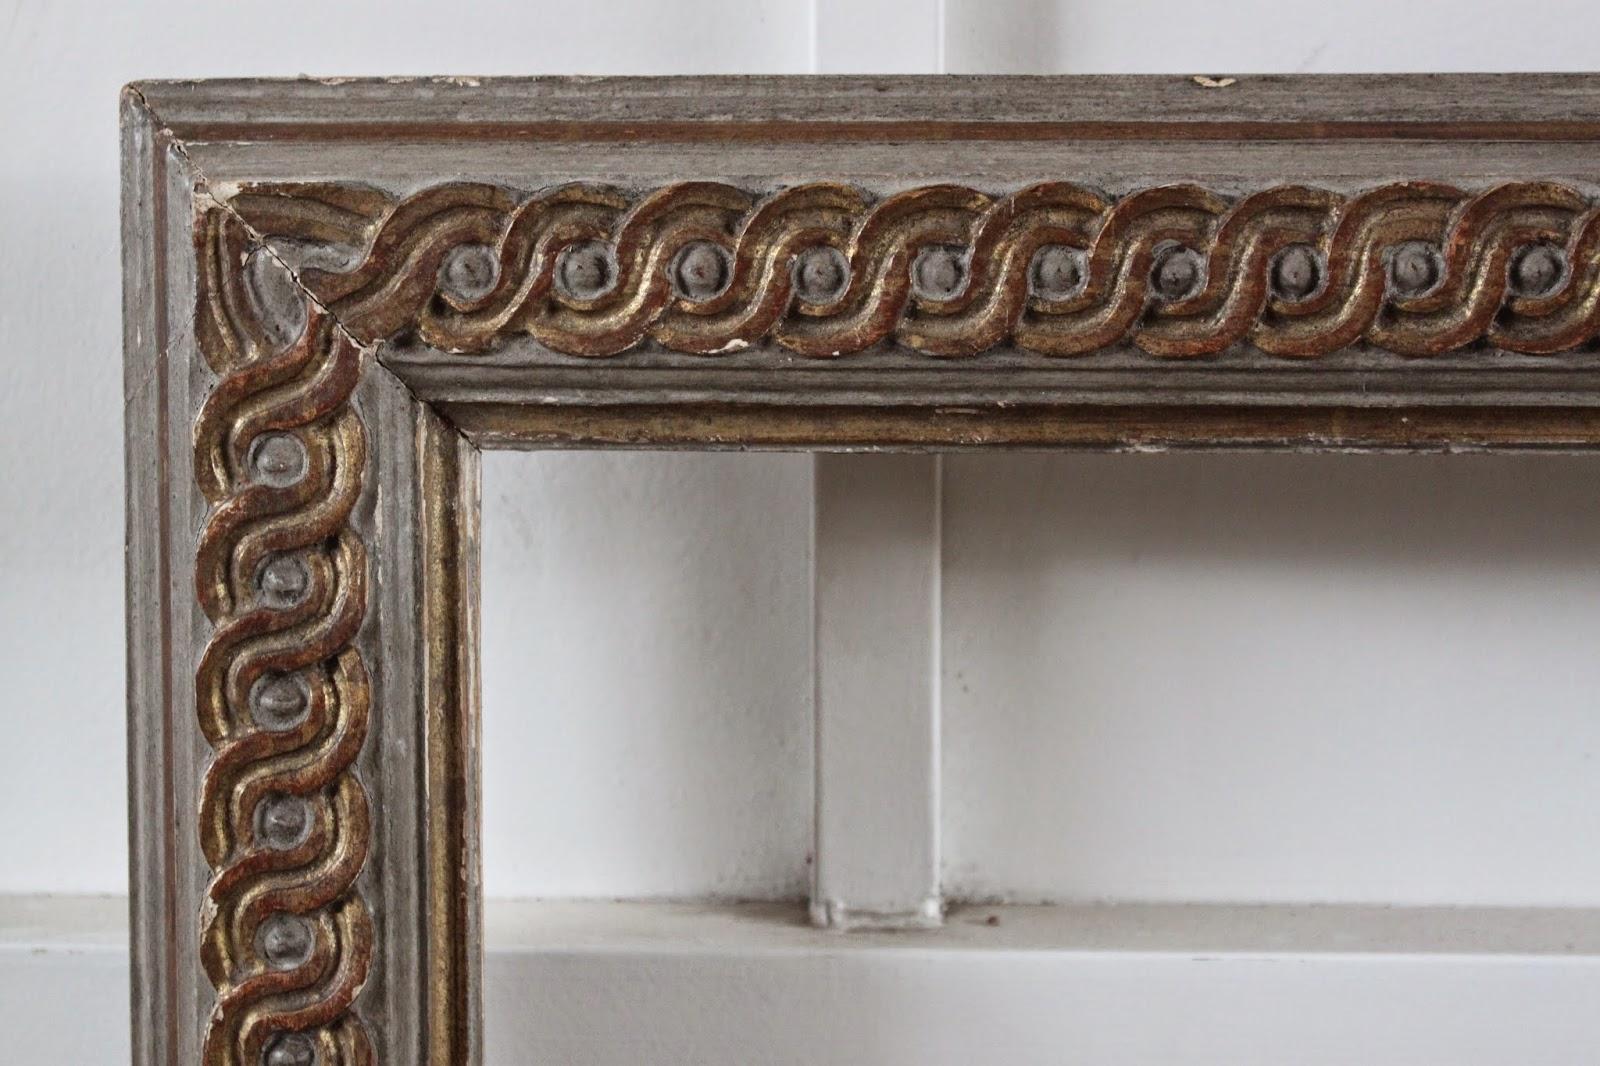 Dominique / Marcos de madera tallados